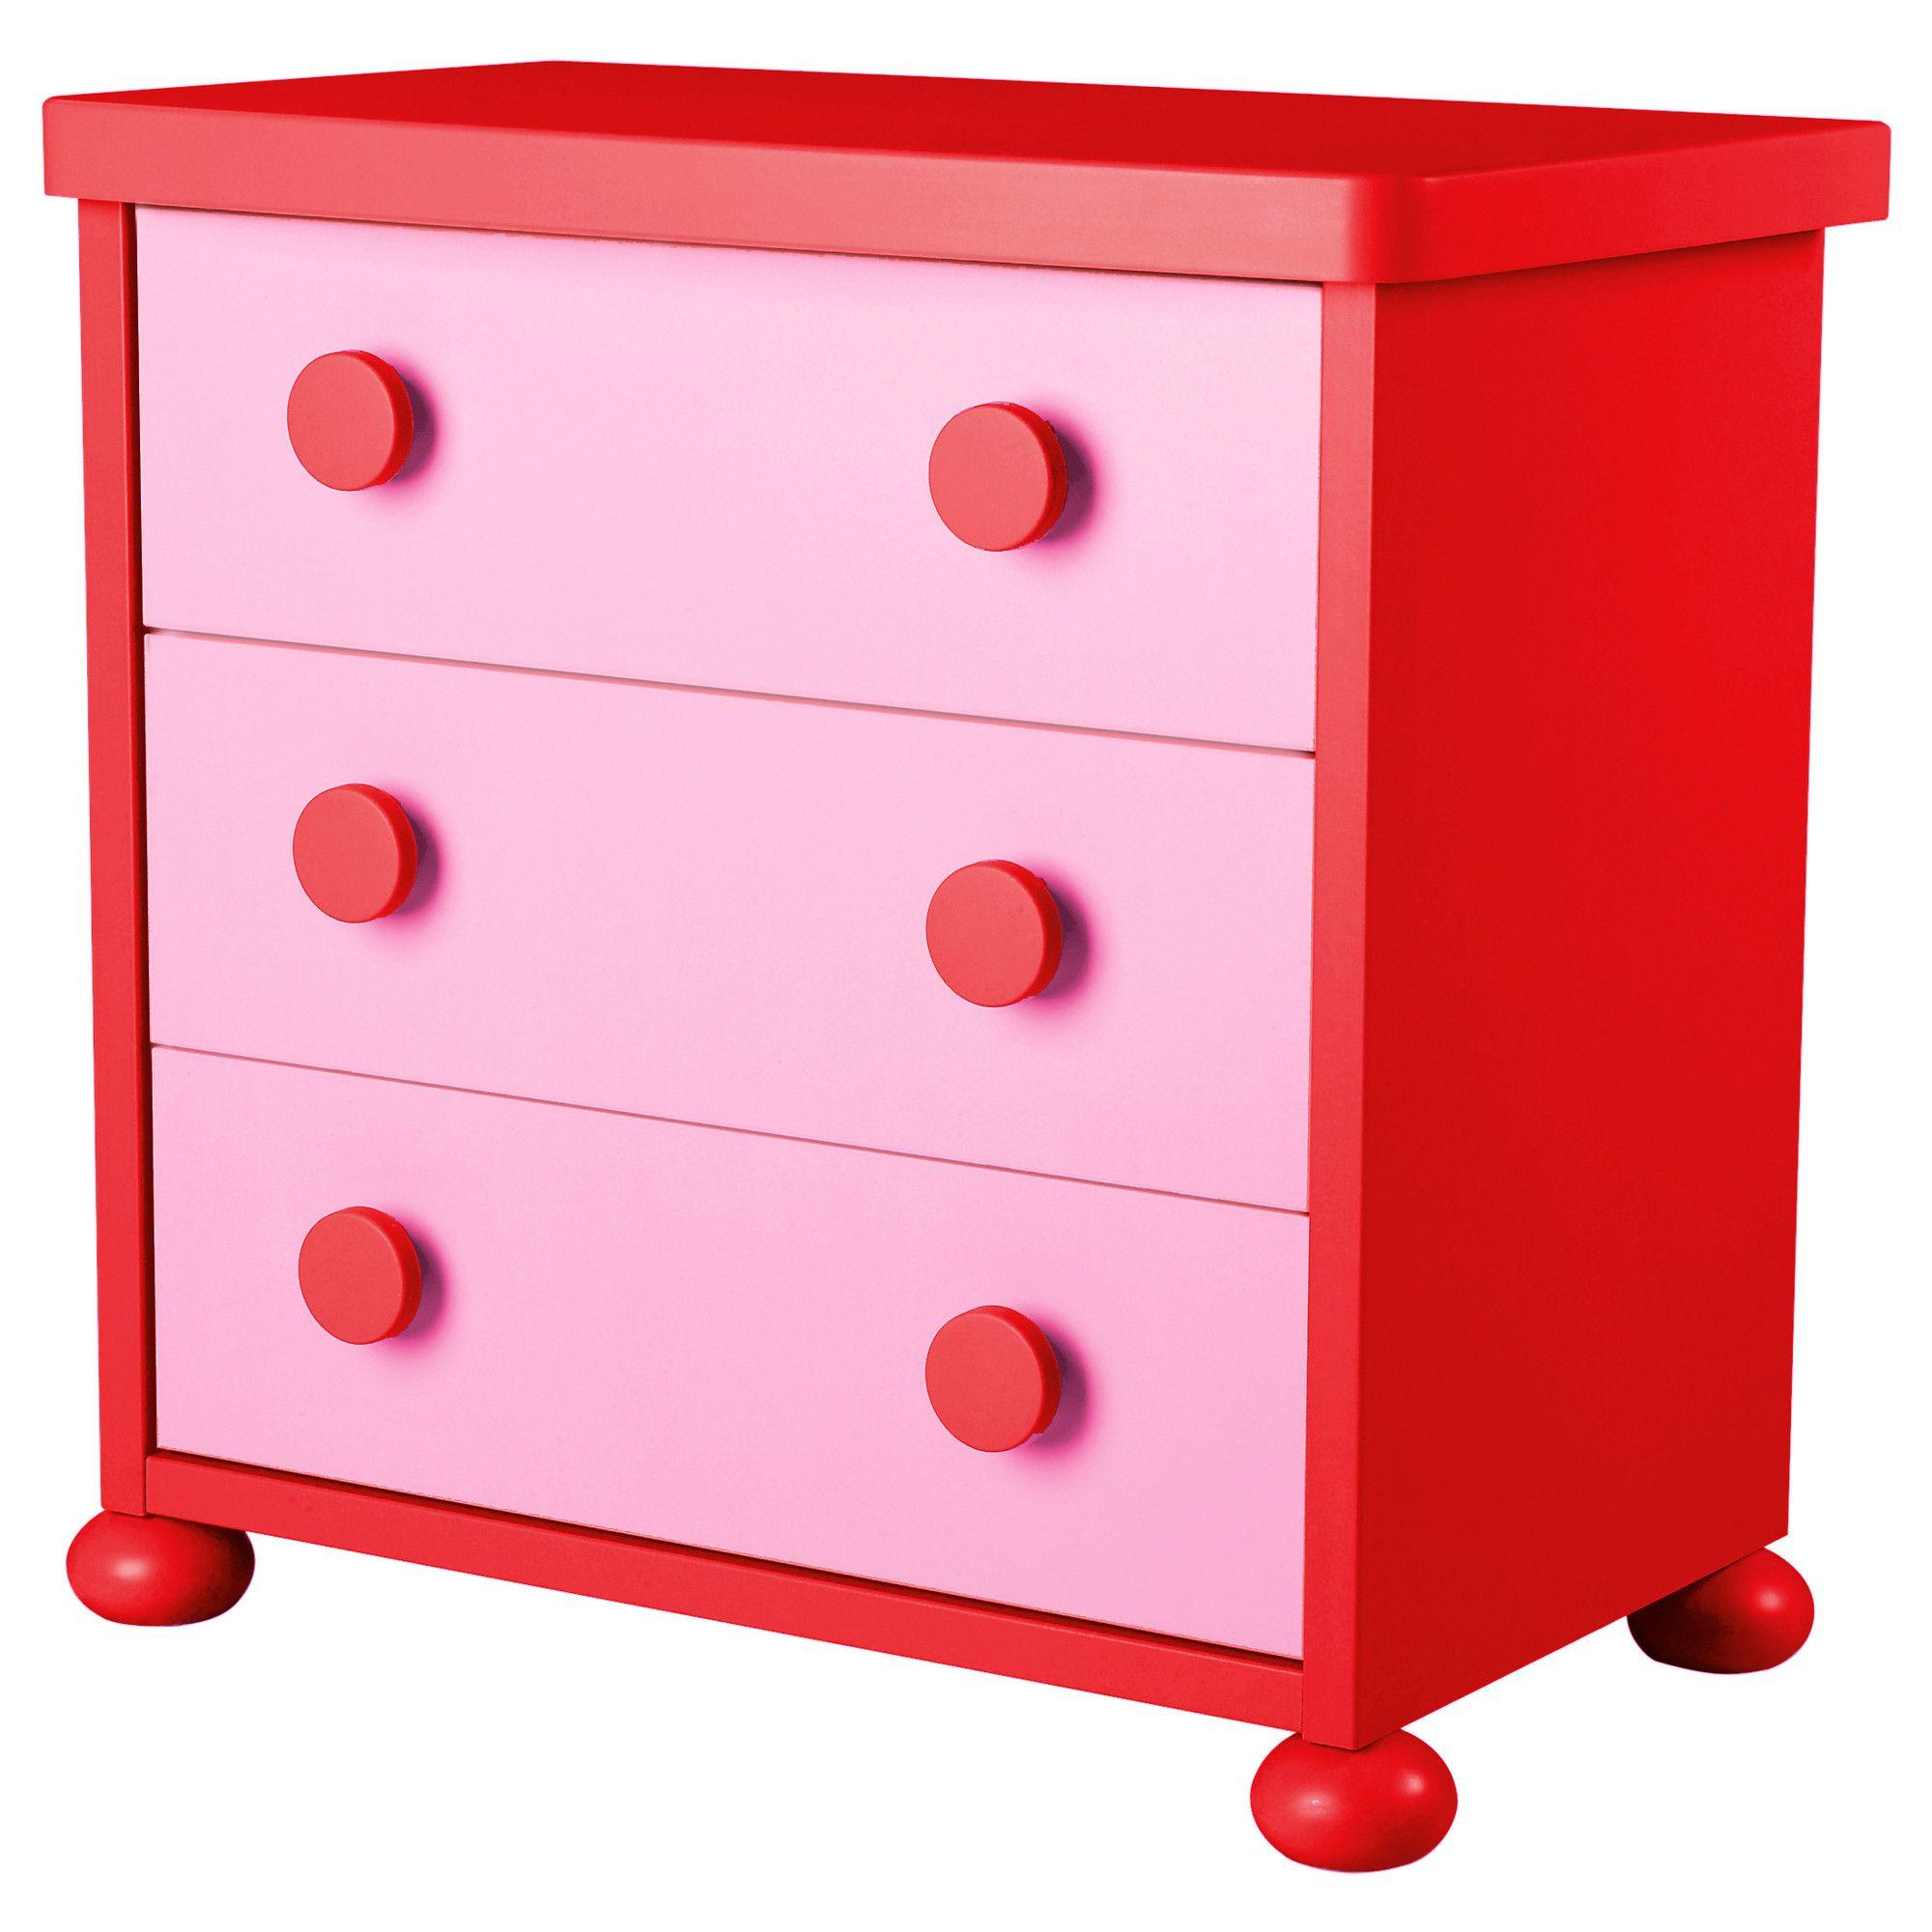 Ikea kids table mammut - Mammut 3 Drawer Chest Pink Red Ikea